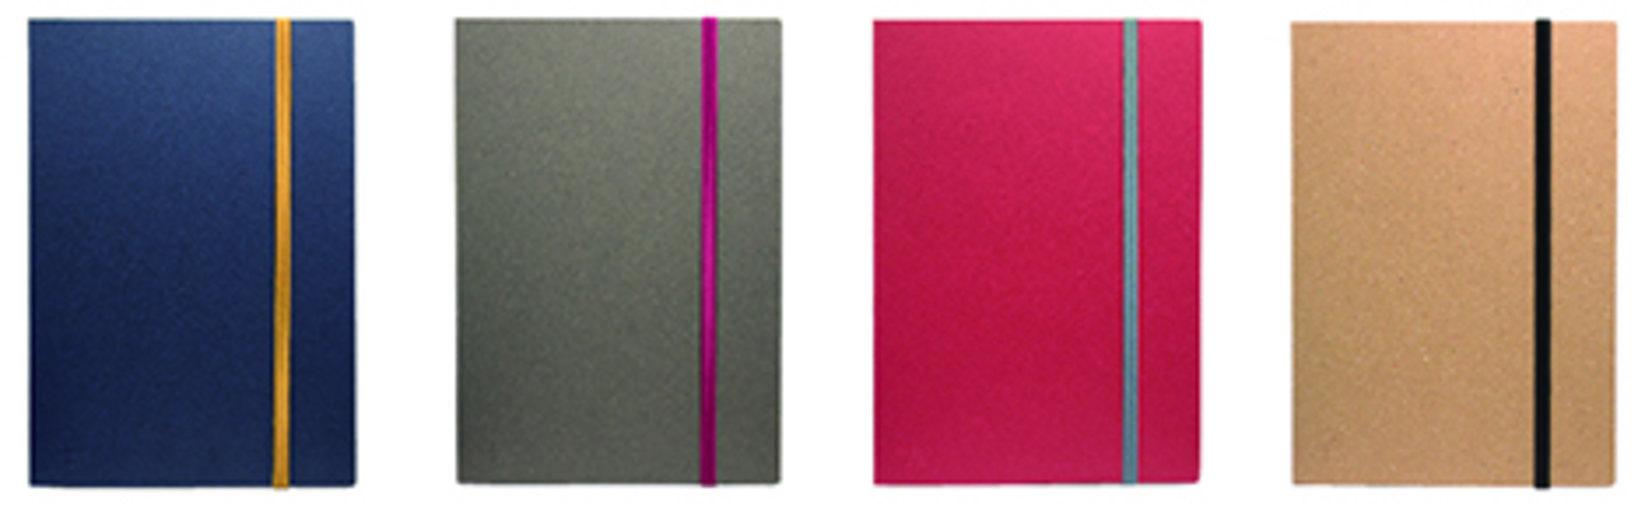 A5(一片のサイズ:14.4×20.4cm、内容:48 枚)左からインディゴ、チャコール、ルージュ、クラフト